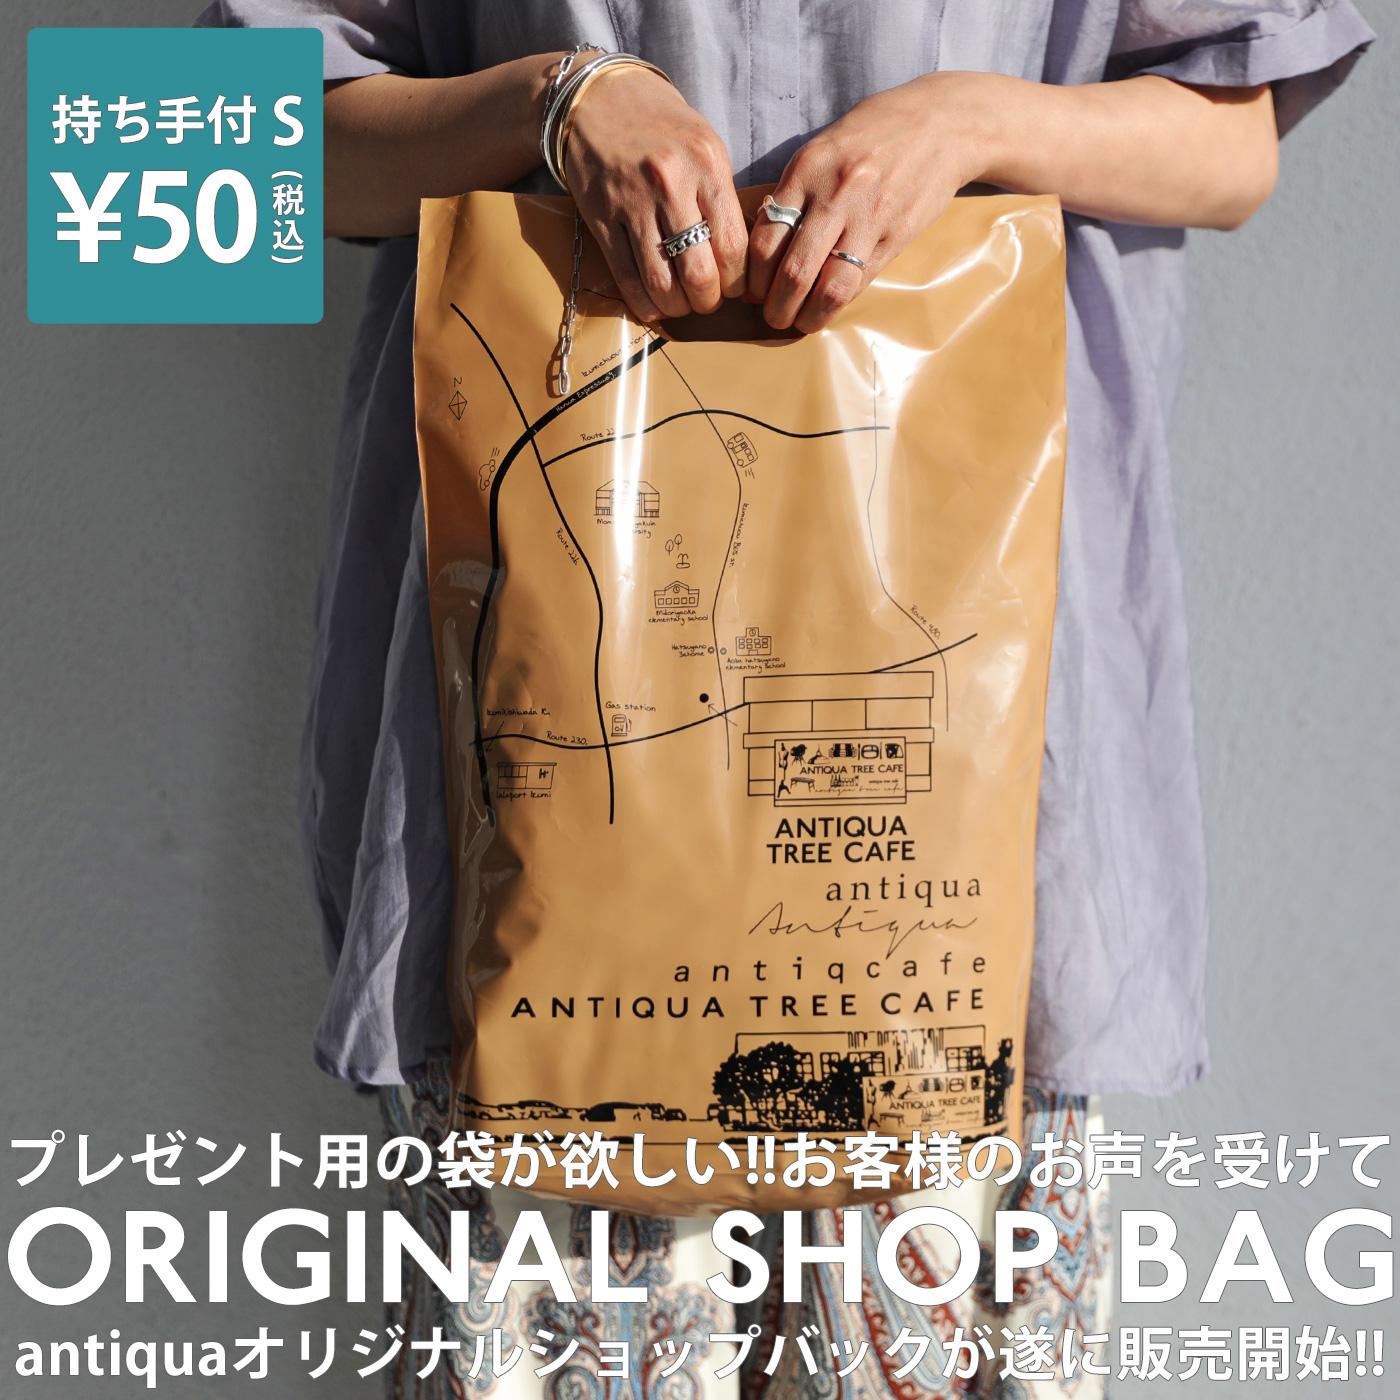 ショップ袋 ショップバッグ プレゼント ラッピング ギフトバッグ ショッパー 袋 手提げ ラッピングキット オリジナル ギフト antiqua オリジナルショップバッグ 持ち手付Sサイズ・再再販。メール便可(V)